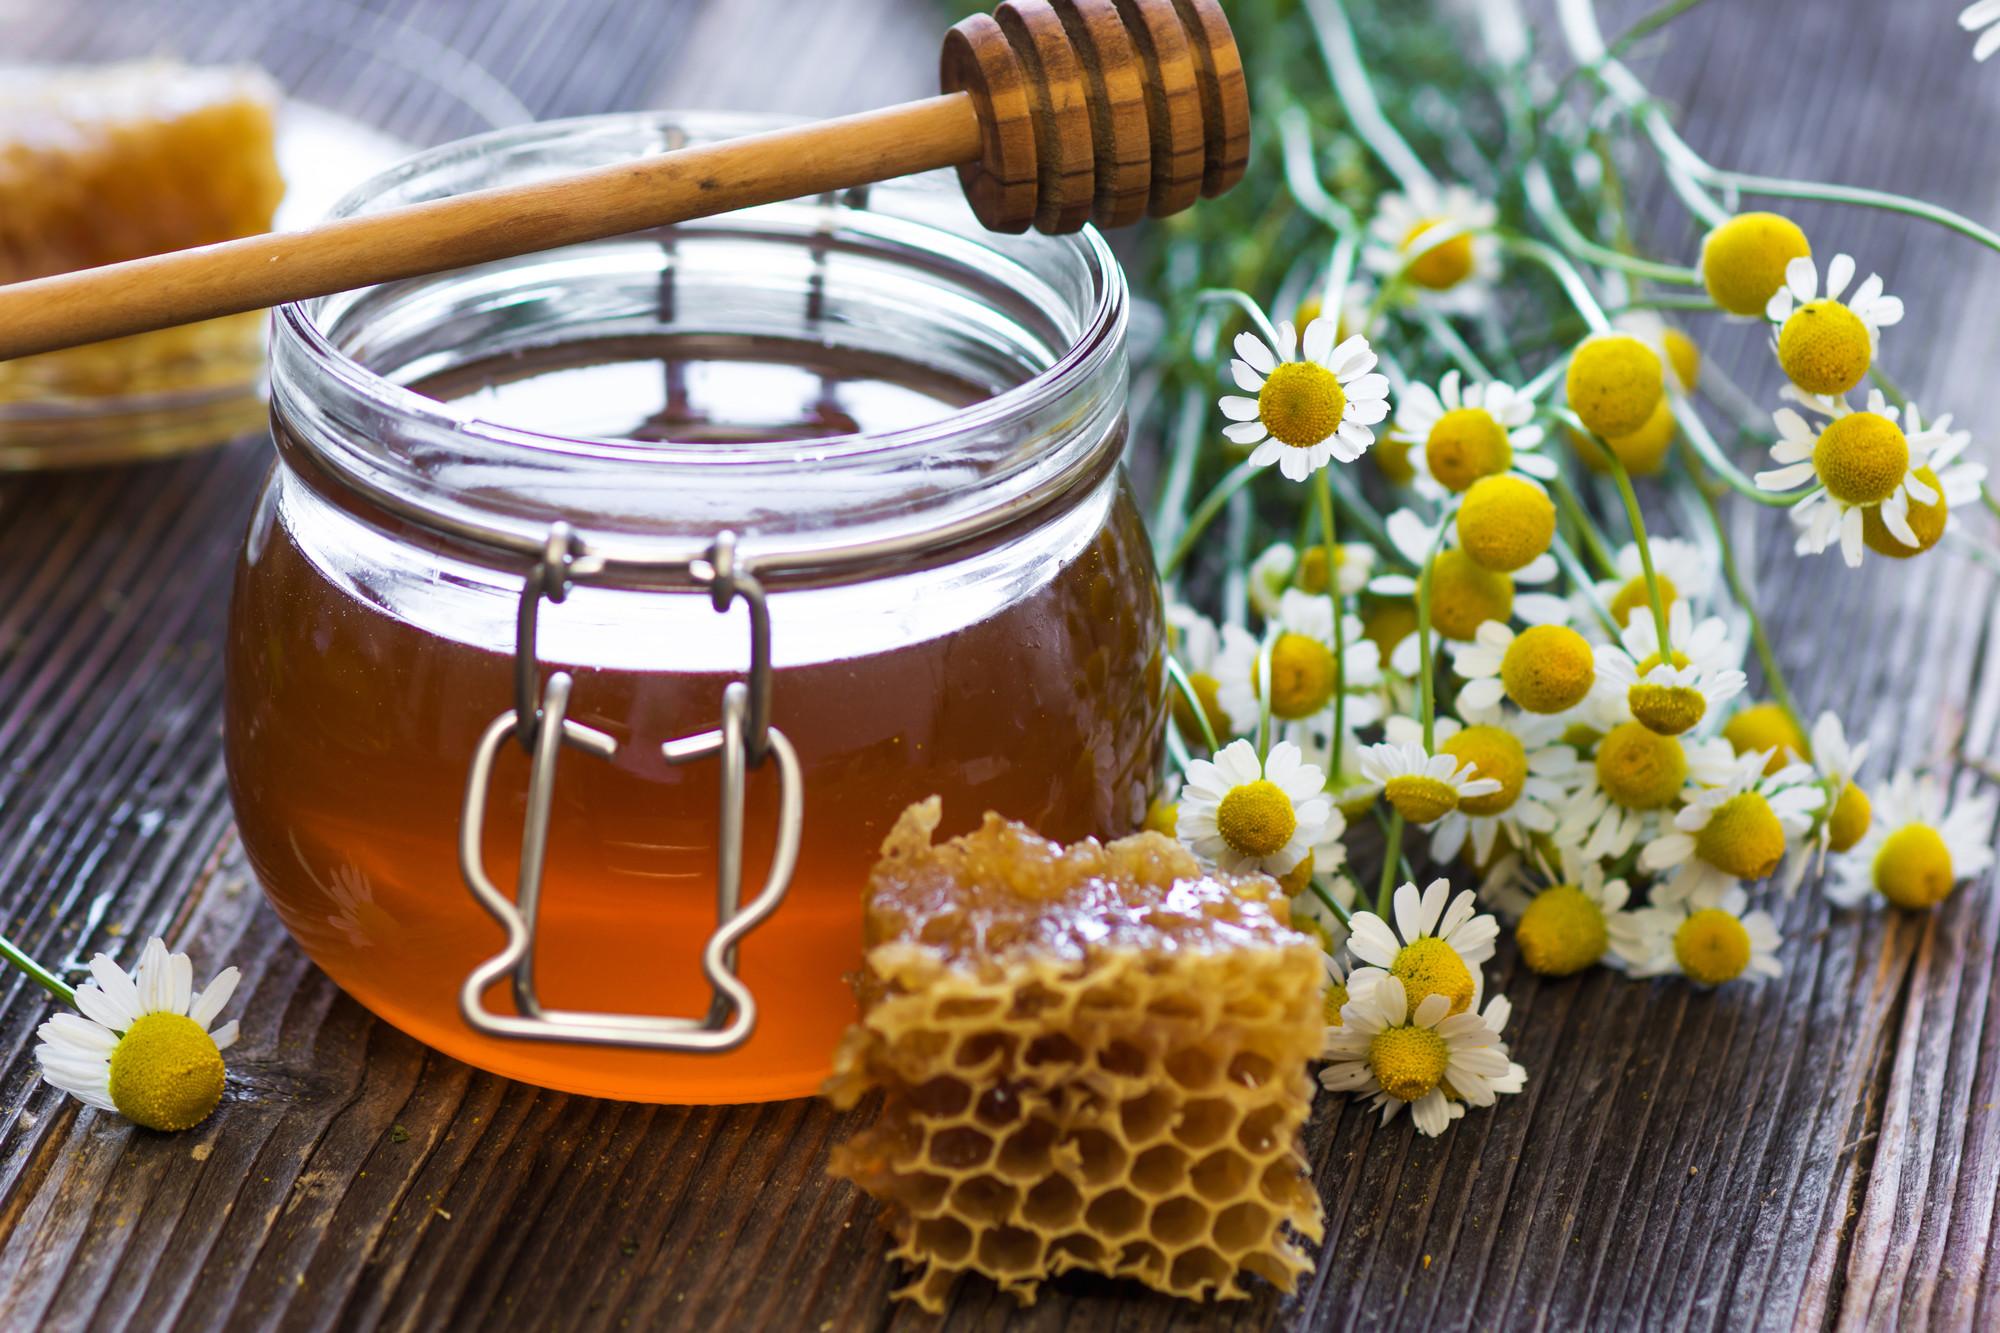 Сегодня нужно освятить мед